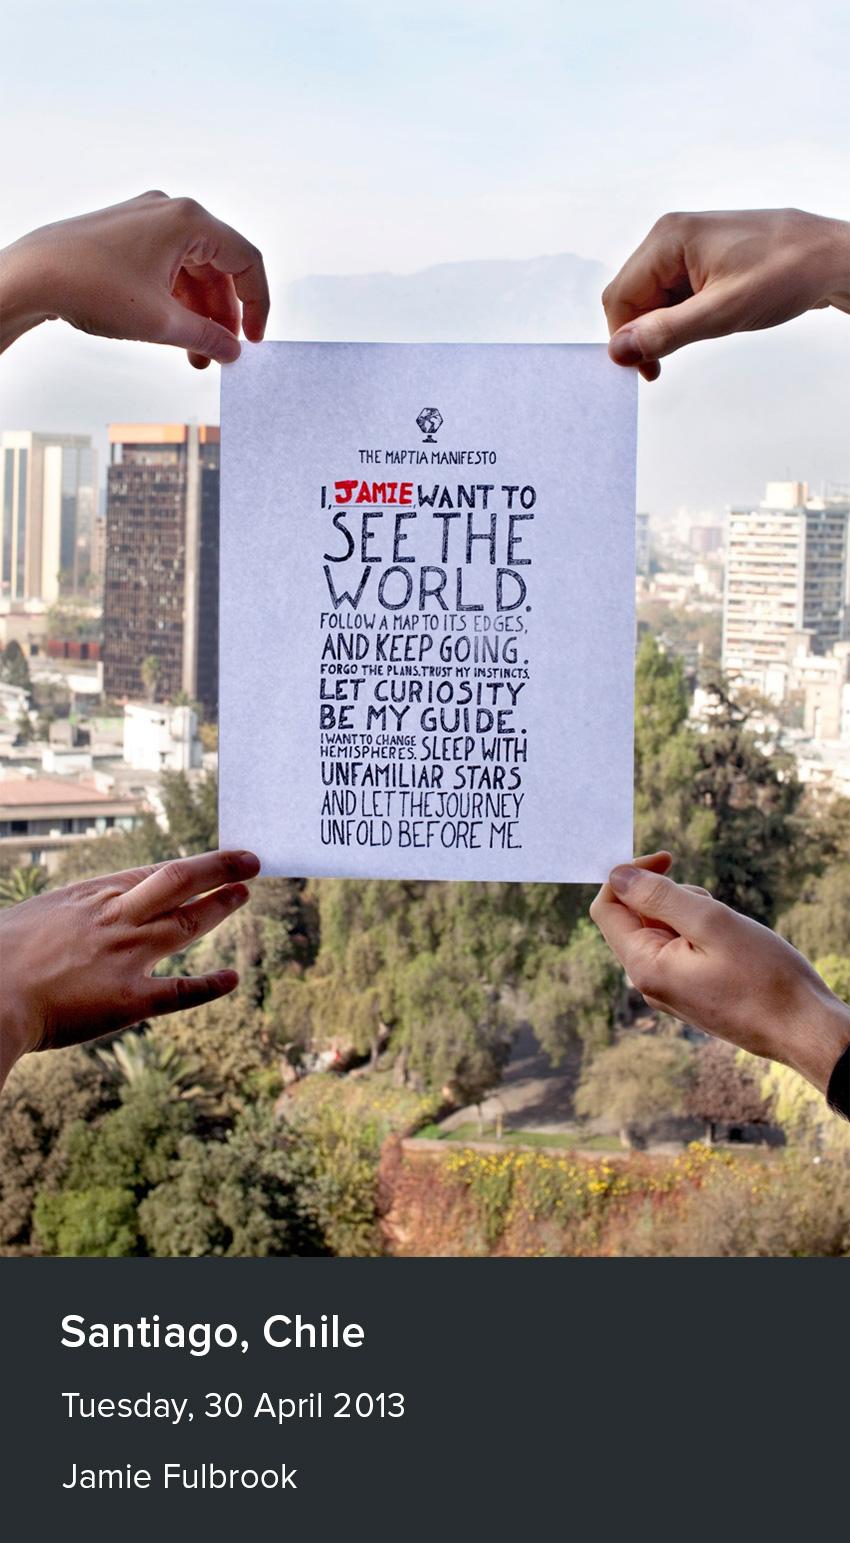 maptia manifesto chile